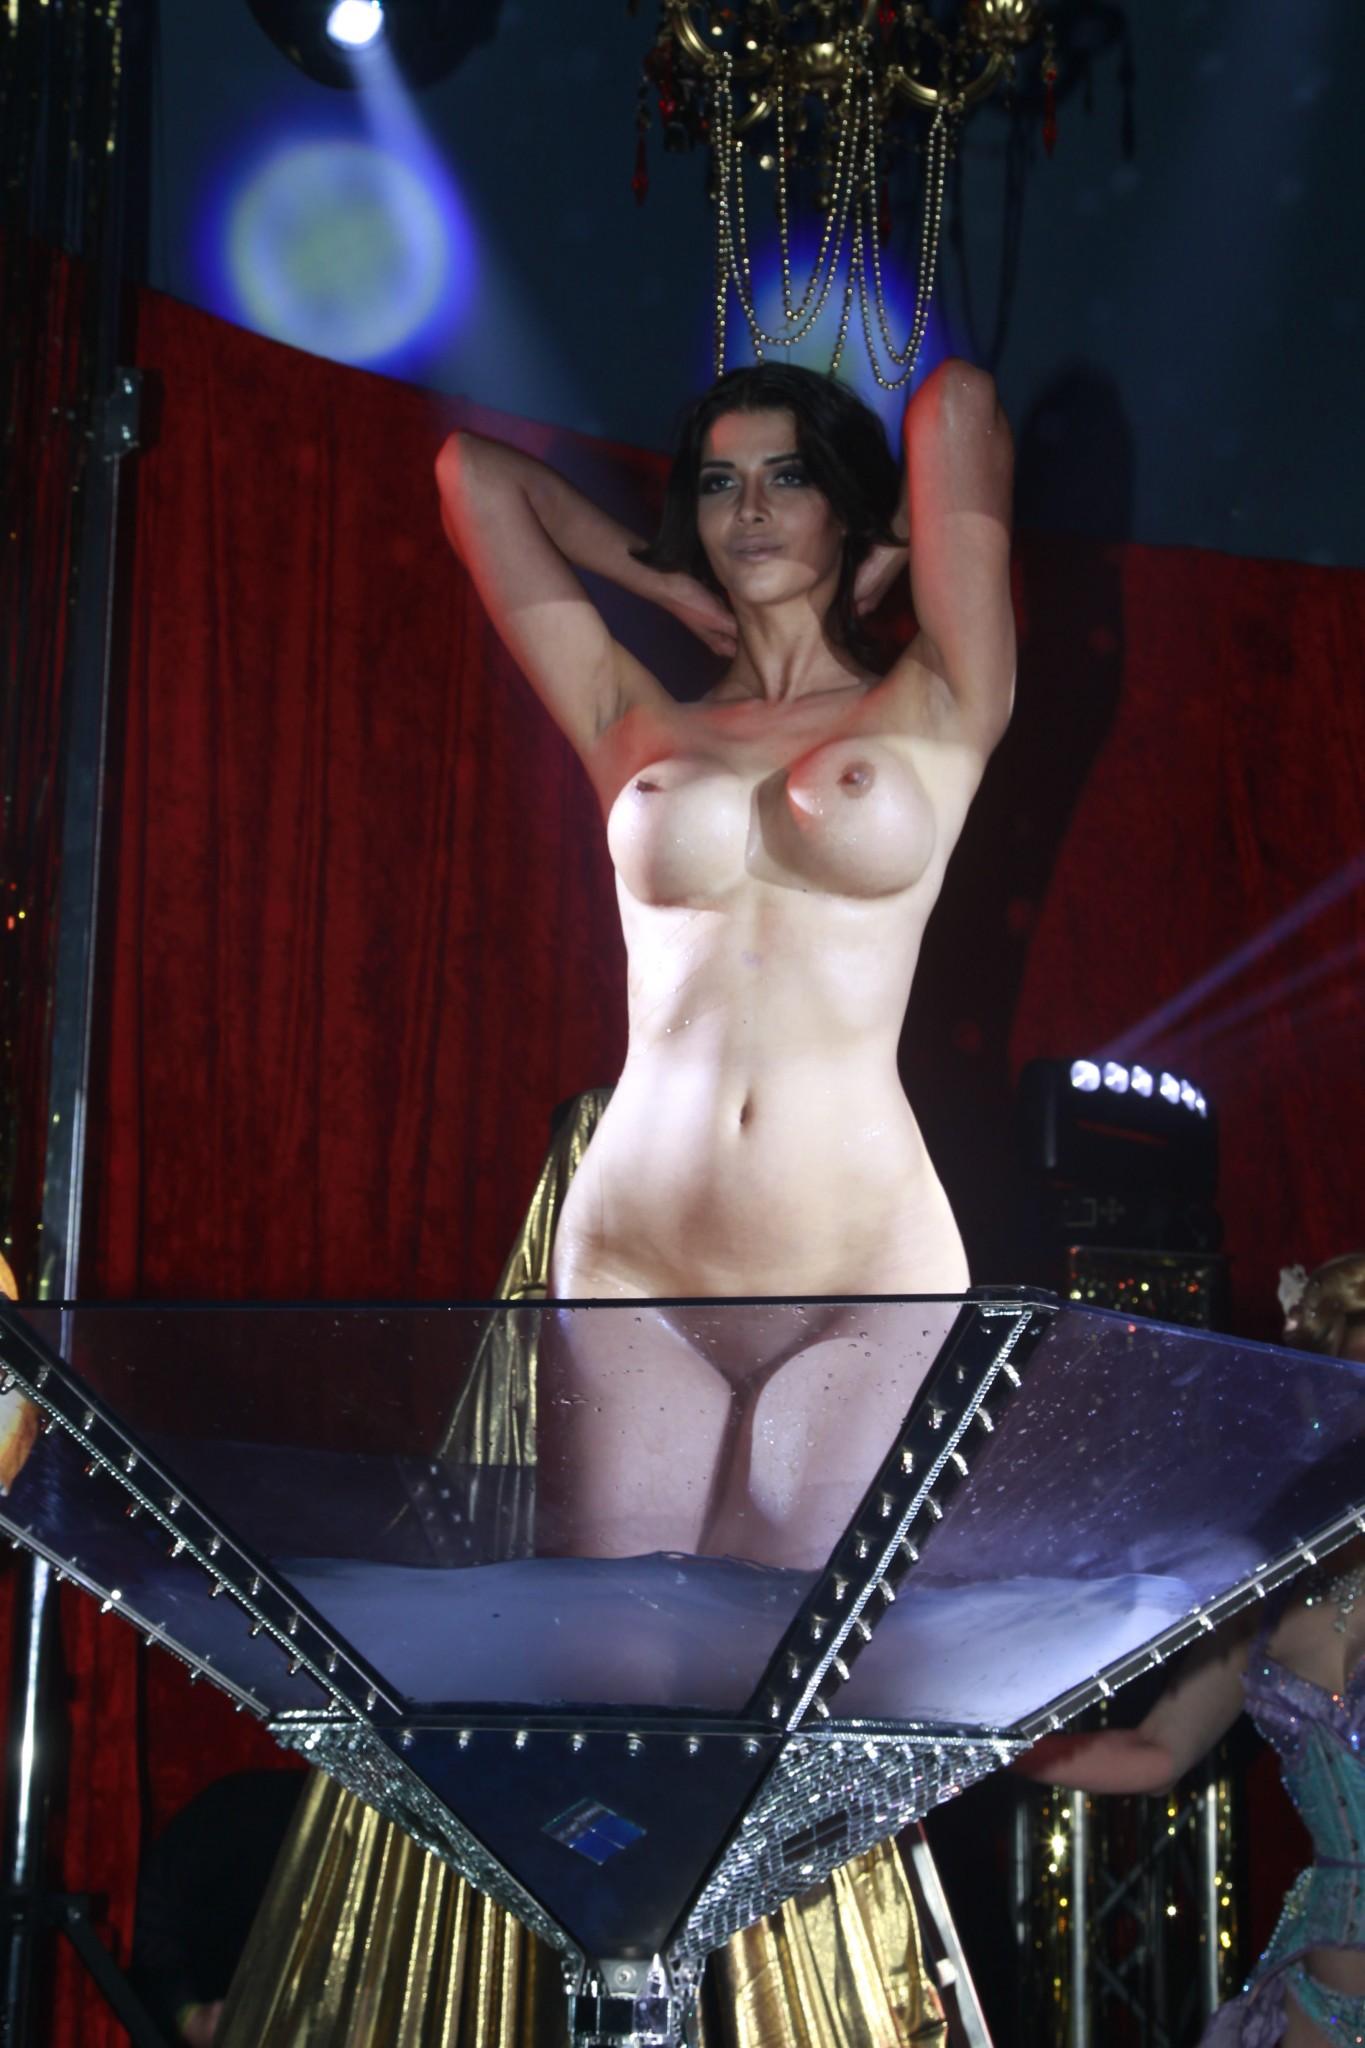 Biggi at erotic show - 3 1